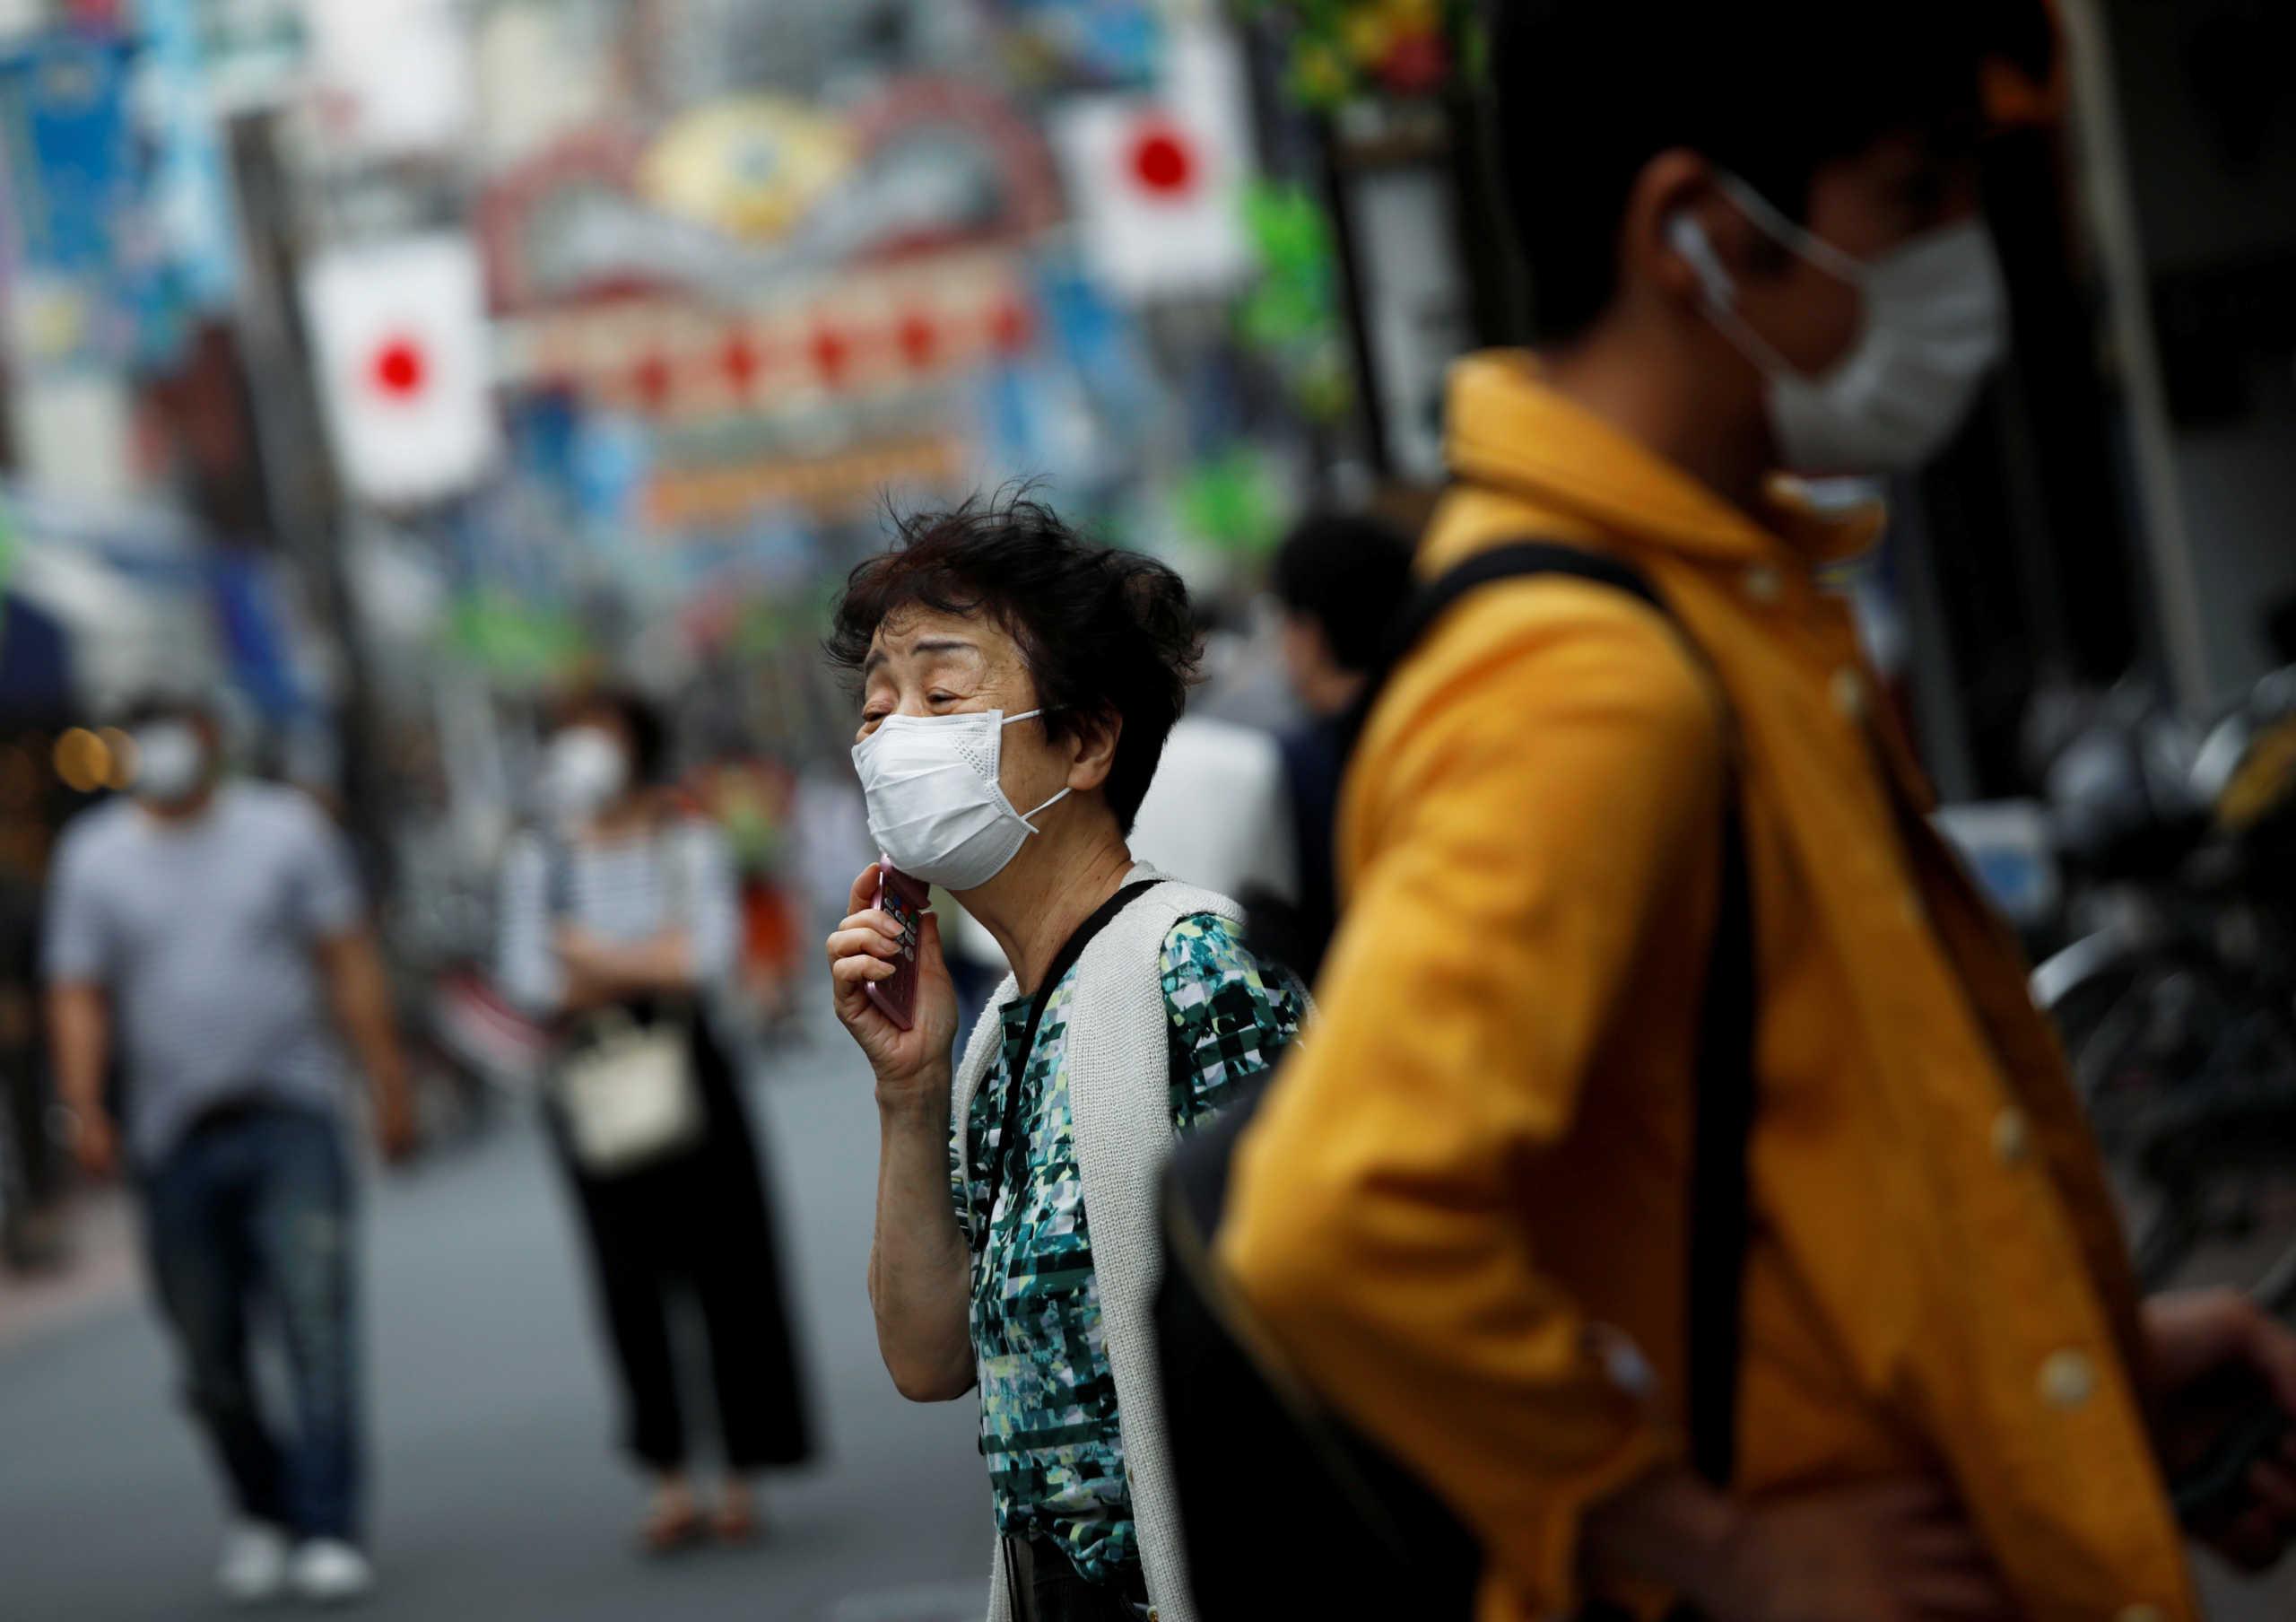 Ιαπωνία: Θέλουν να απαγορεύσουν την χρήση κινητού σε όσους περπατούν και μιλάνε